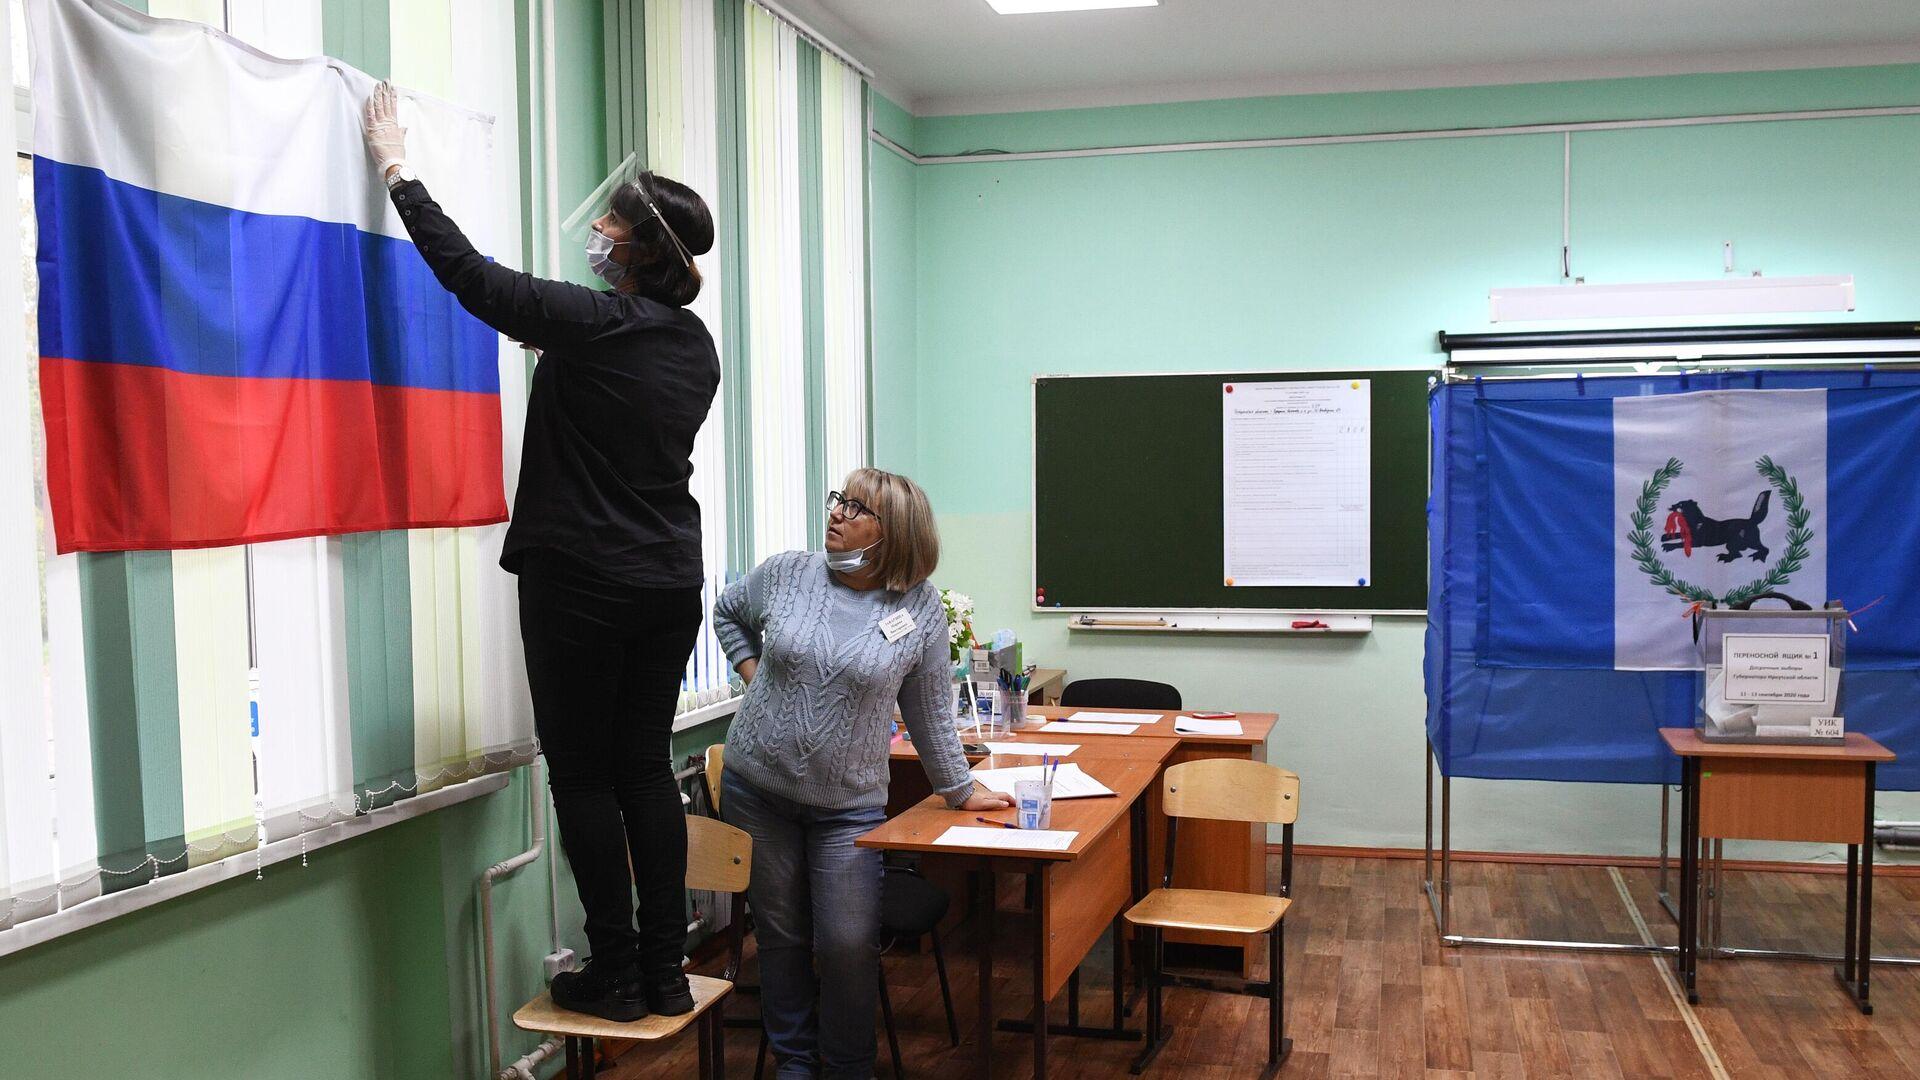 Подготовка избирательного участка к досрочному голосованию на выборах губернатора Иркутской области - РИА Новости, 1920, 20.07.2021